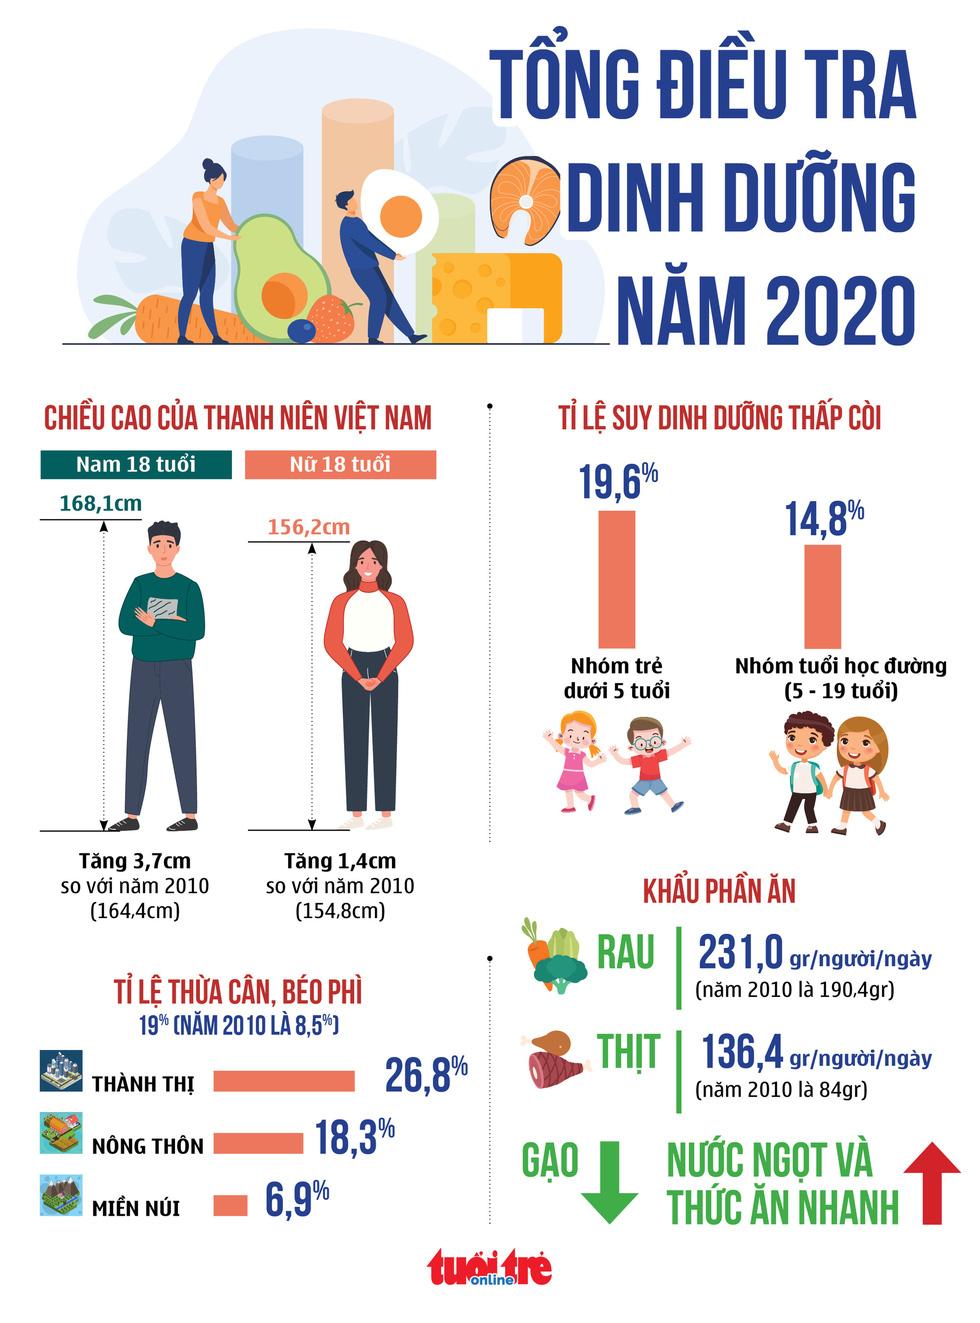 Thanh niên Việt cao lên nhưng trẻ béo phì tăng gấp đôi - Ảnh 1.